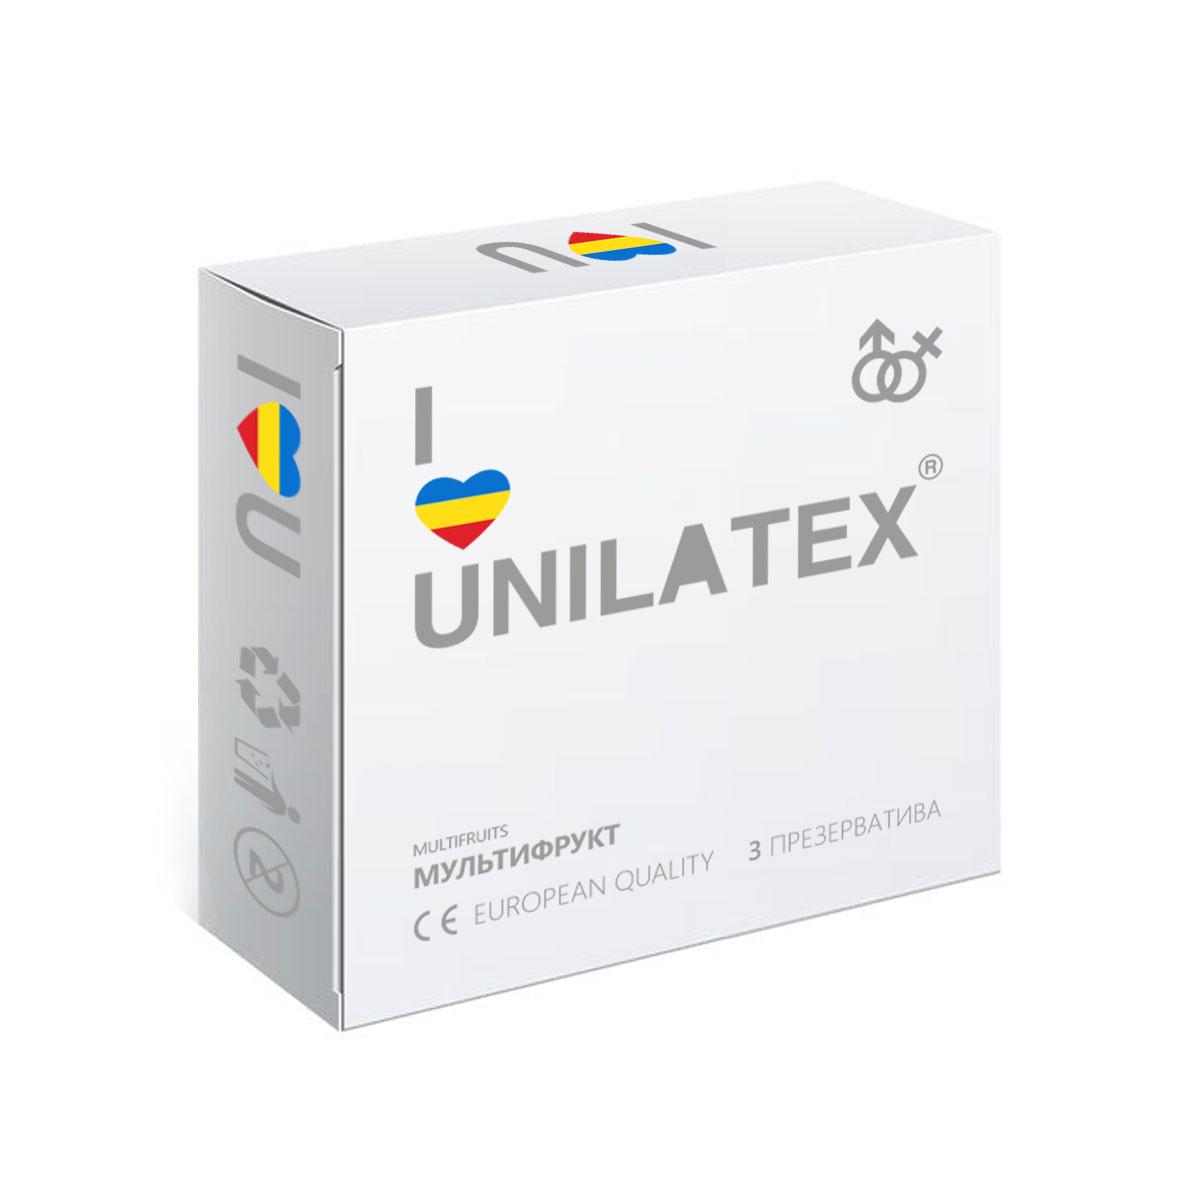 Презервативы Unilatex Multifruits, 3 штCRS-80273547Ароматизированные презервативы из натурального латекса красного, желтого и синего цветов, покрыты силиконовой смазкой с ароматами клубники, банана и мультифрукта.